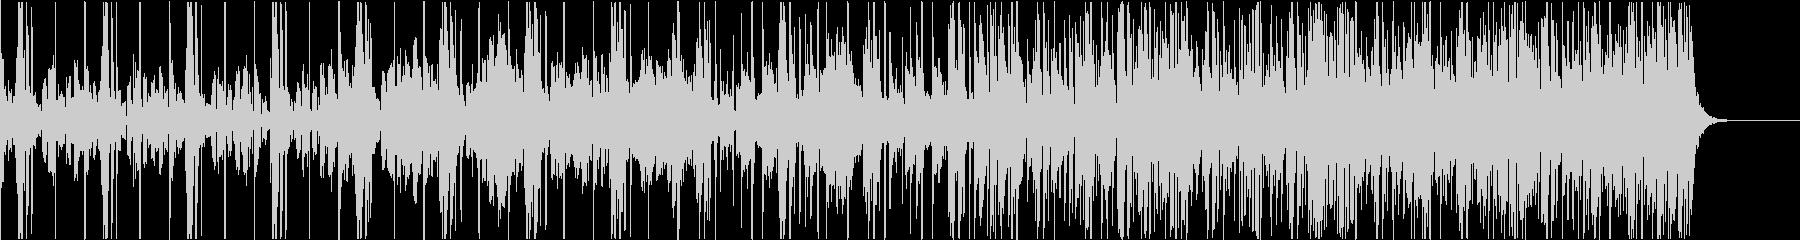 スタイリッシュ・クールなエレクトロニカ の未再生の波形